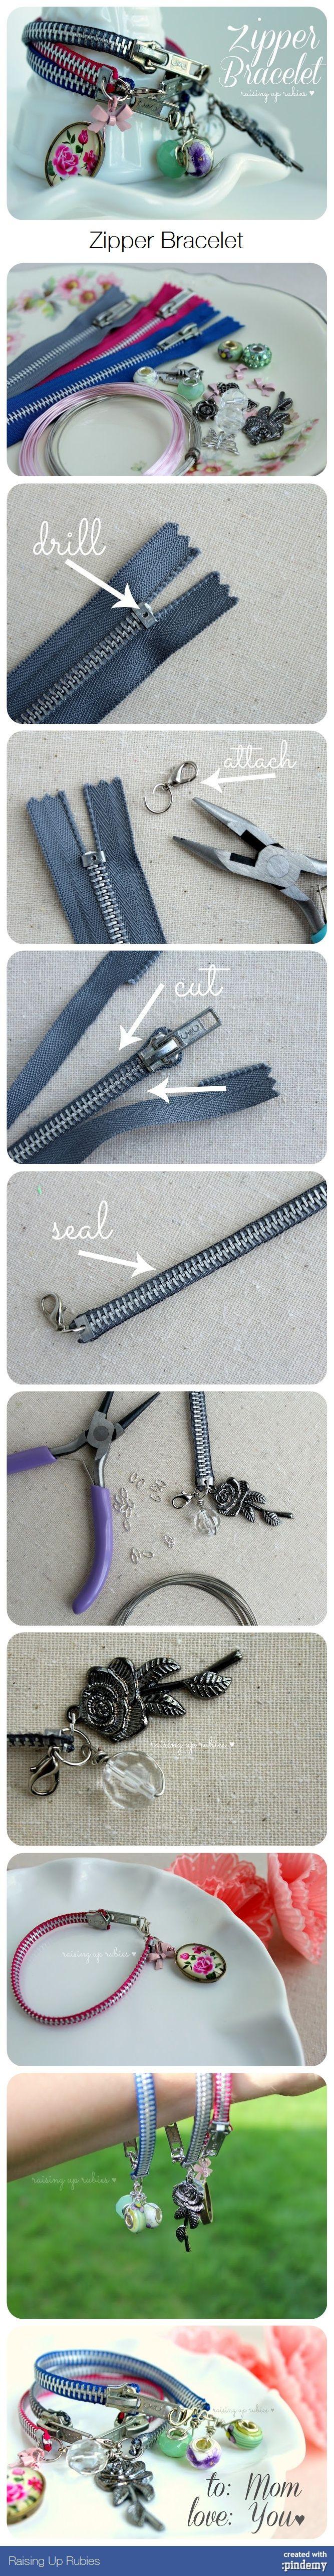 Zipper Bracelet via pindemy.com